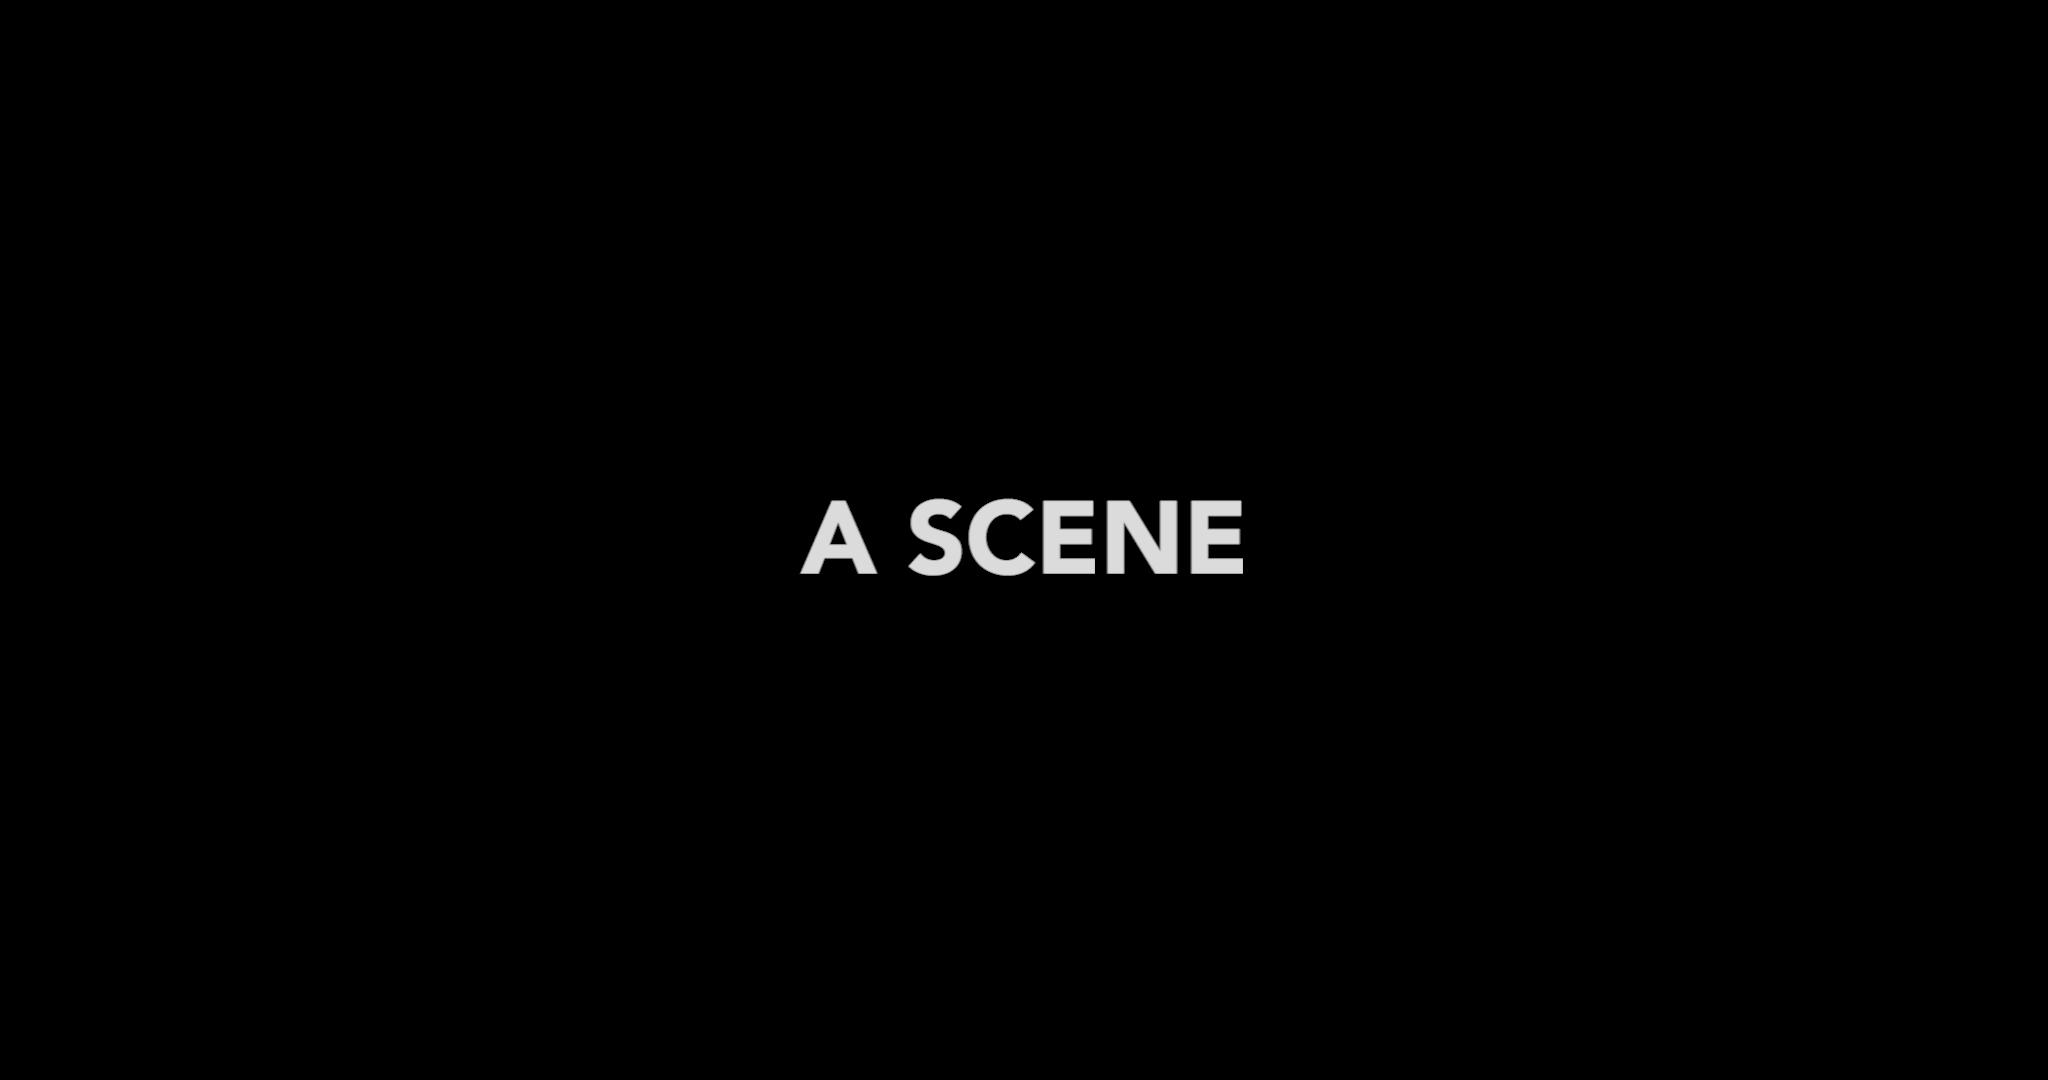 AScene_01